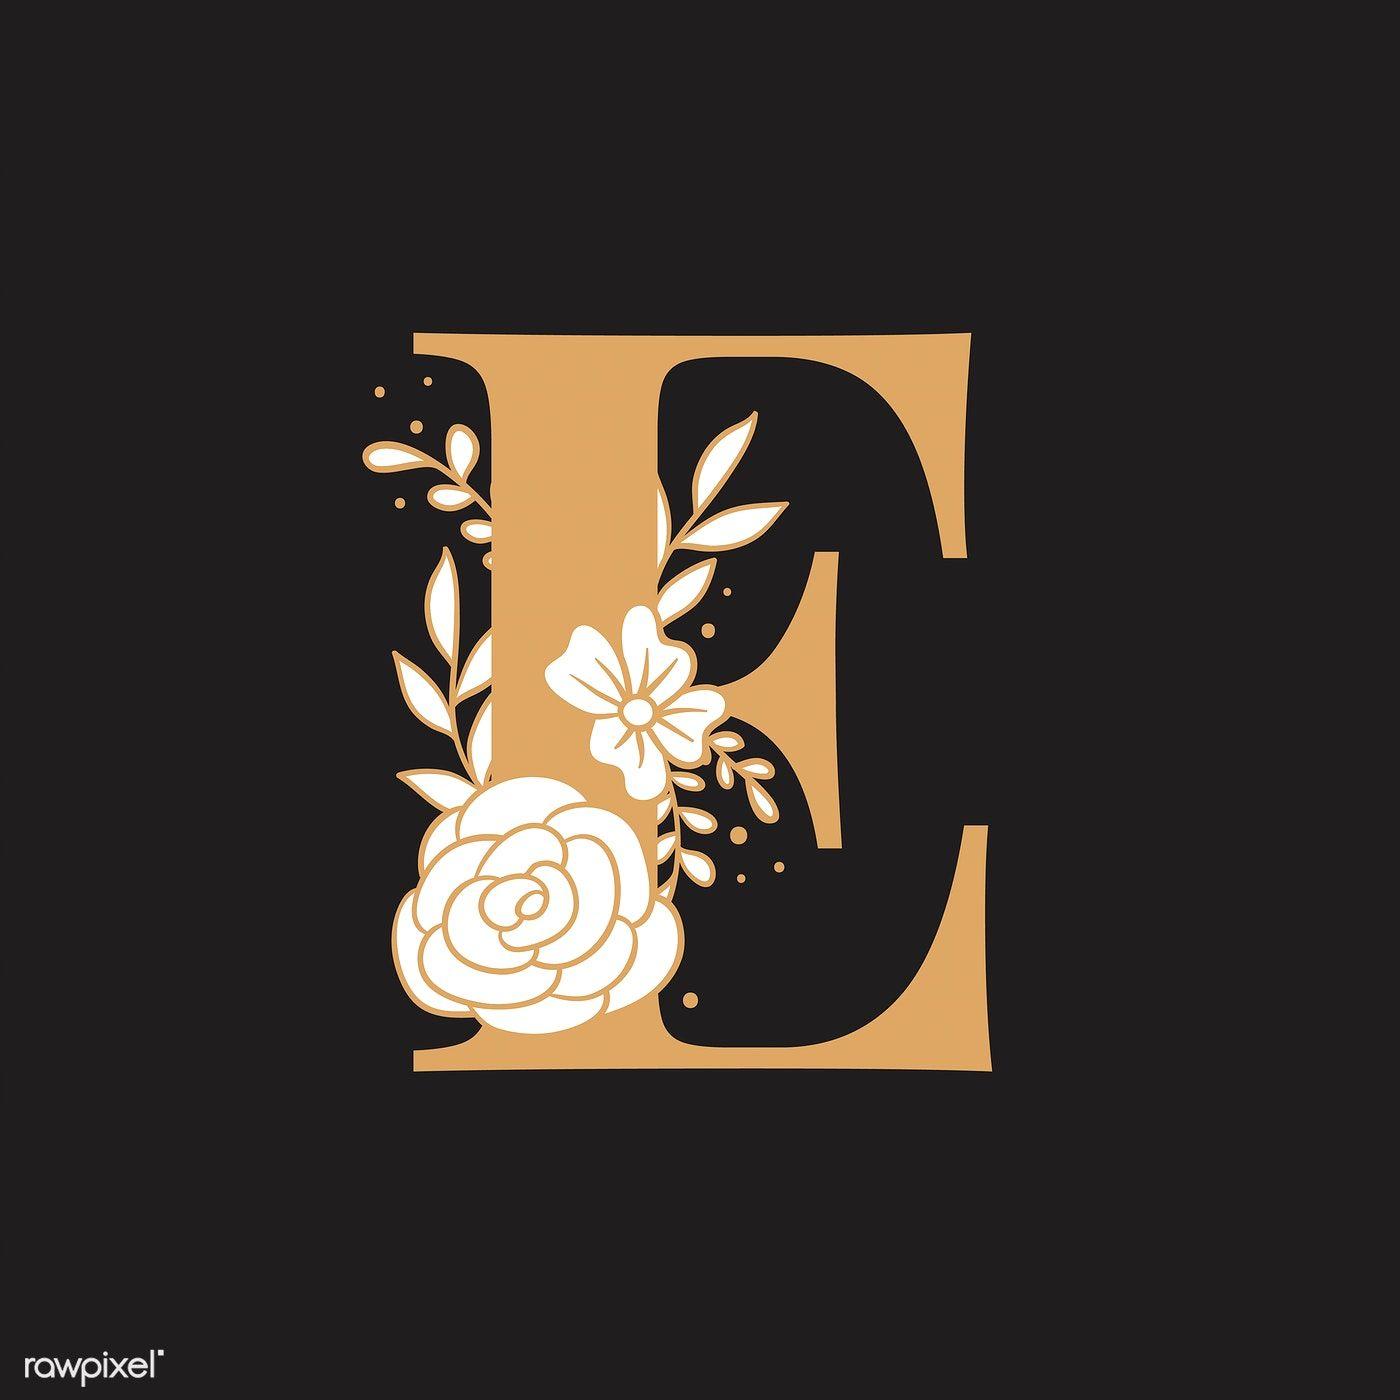 Botanical Capital Letter E Vector Free Image By Rawpixel Com Tvzsu Letter Art Design Alphabet Wallpaper Letter E Art